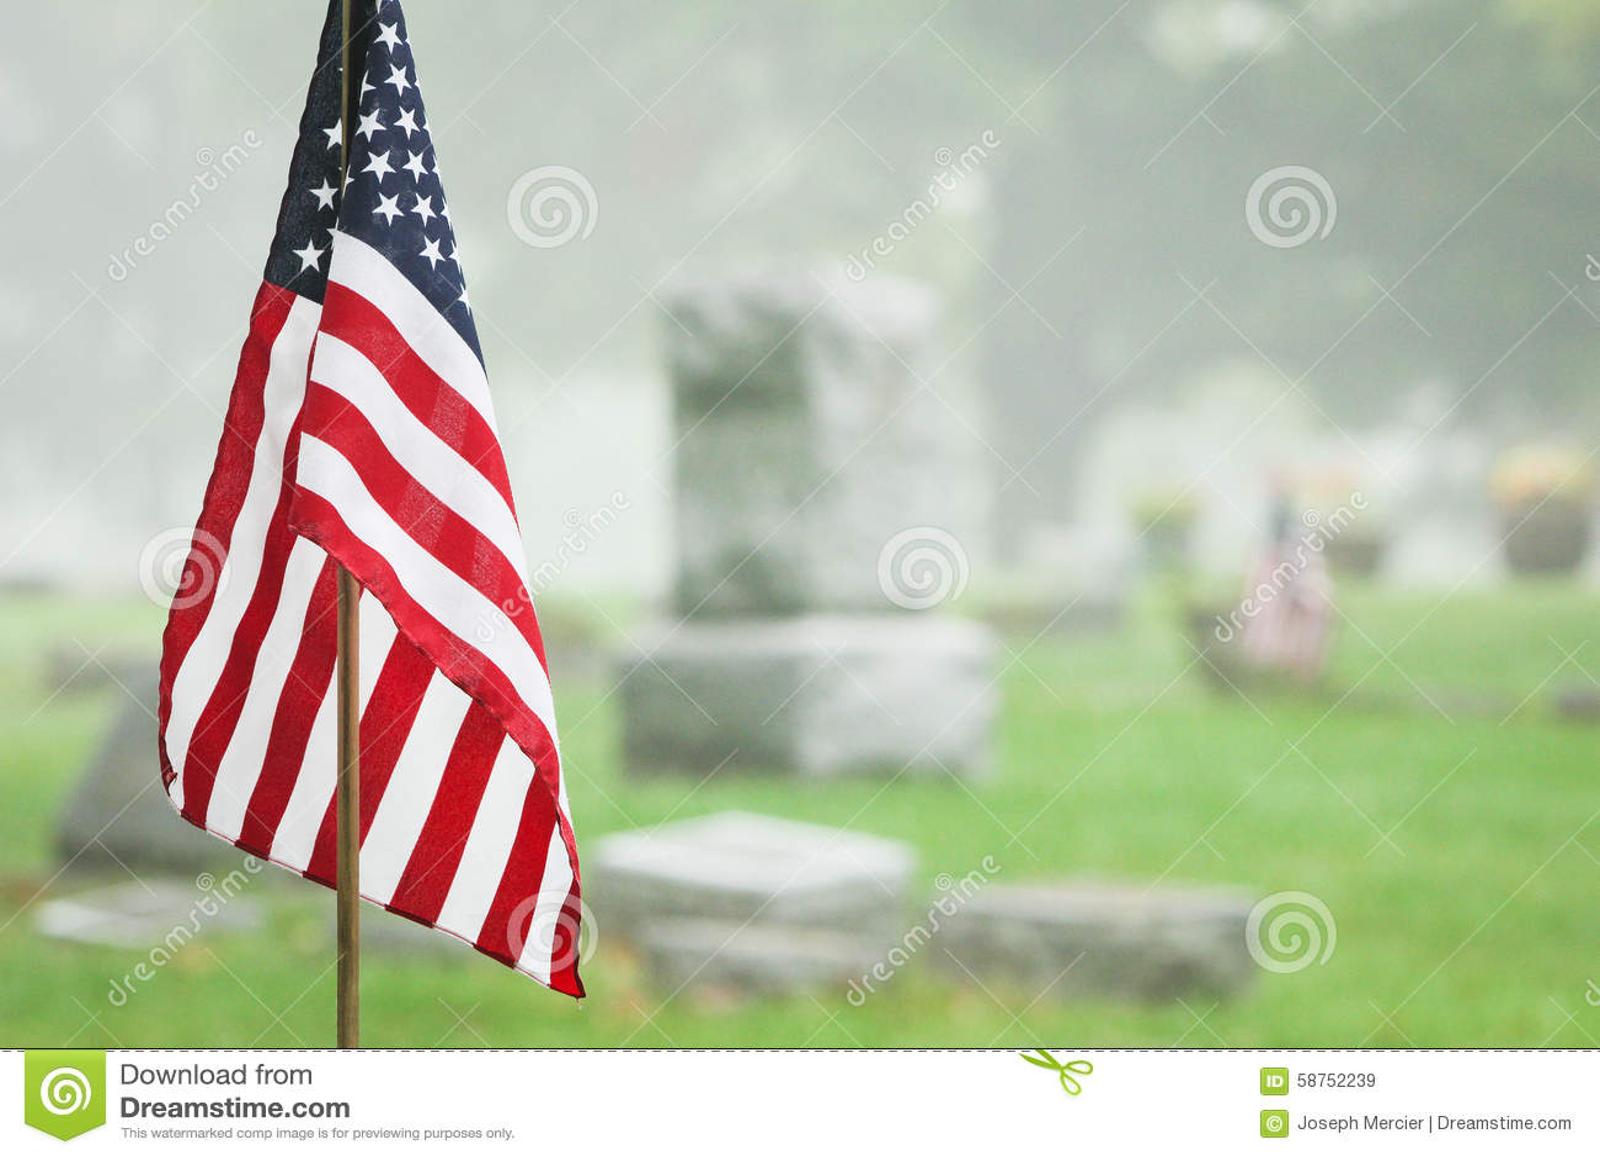 Drapeau américain de vétéran dans le cimetière brumeux